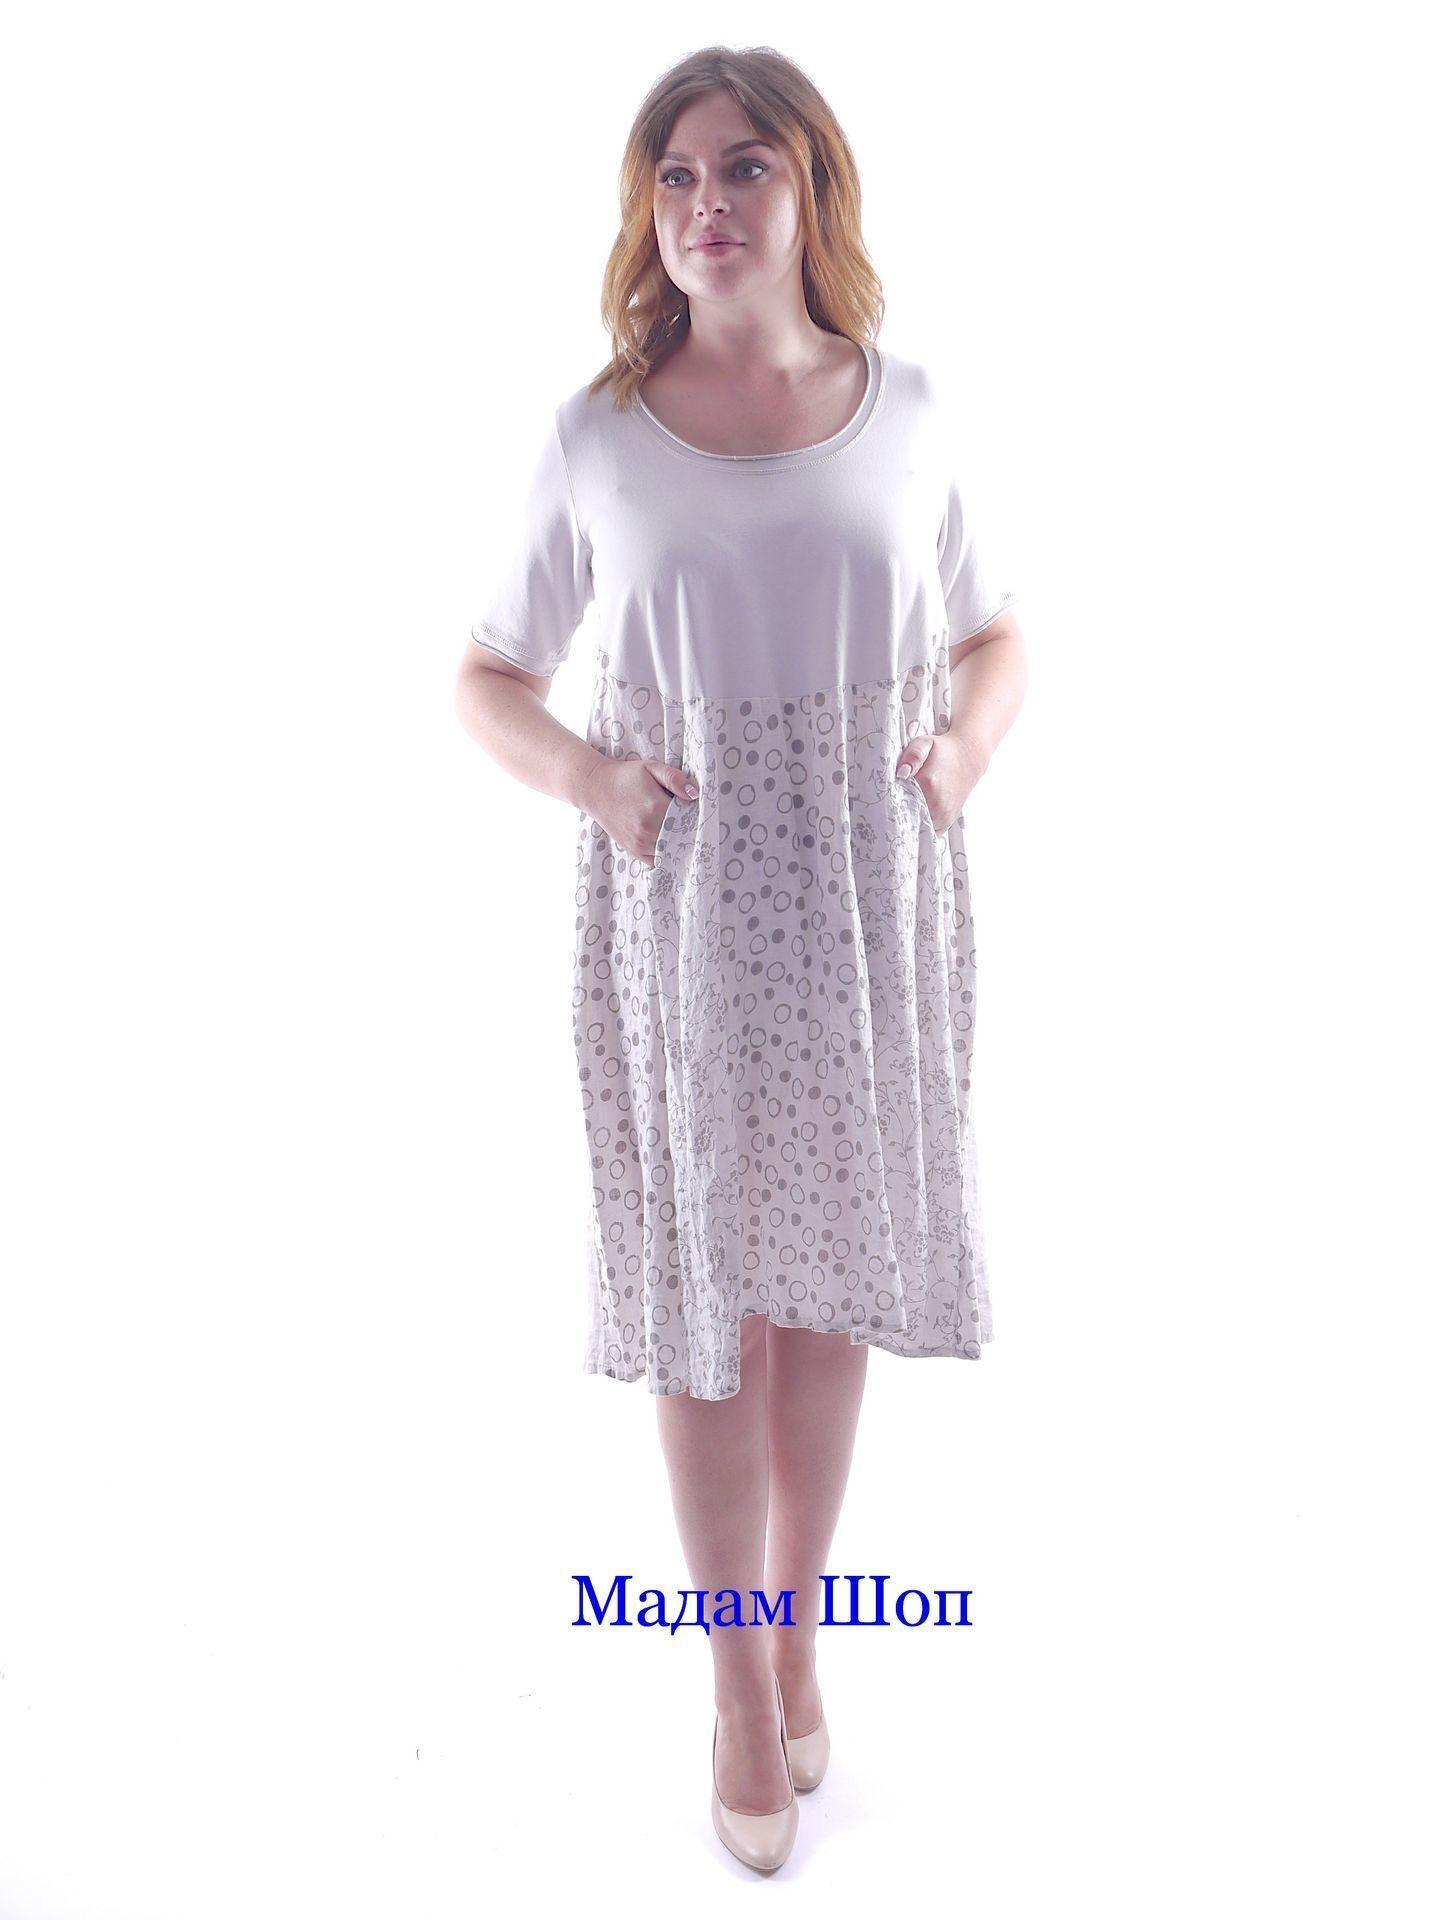 b8e1f83e44867e3 Светлые грёзы: летнее льняное платье в бежевых тонах. Верх – сливочного  цвета, отрезная